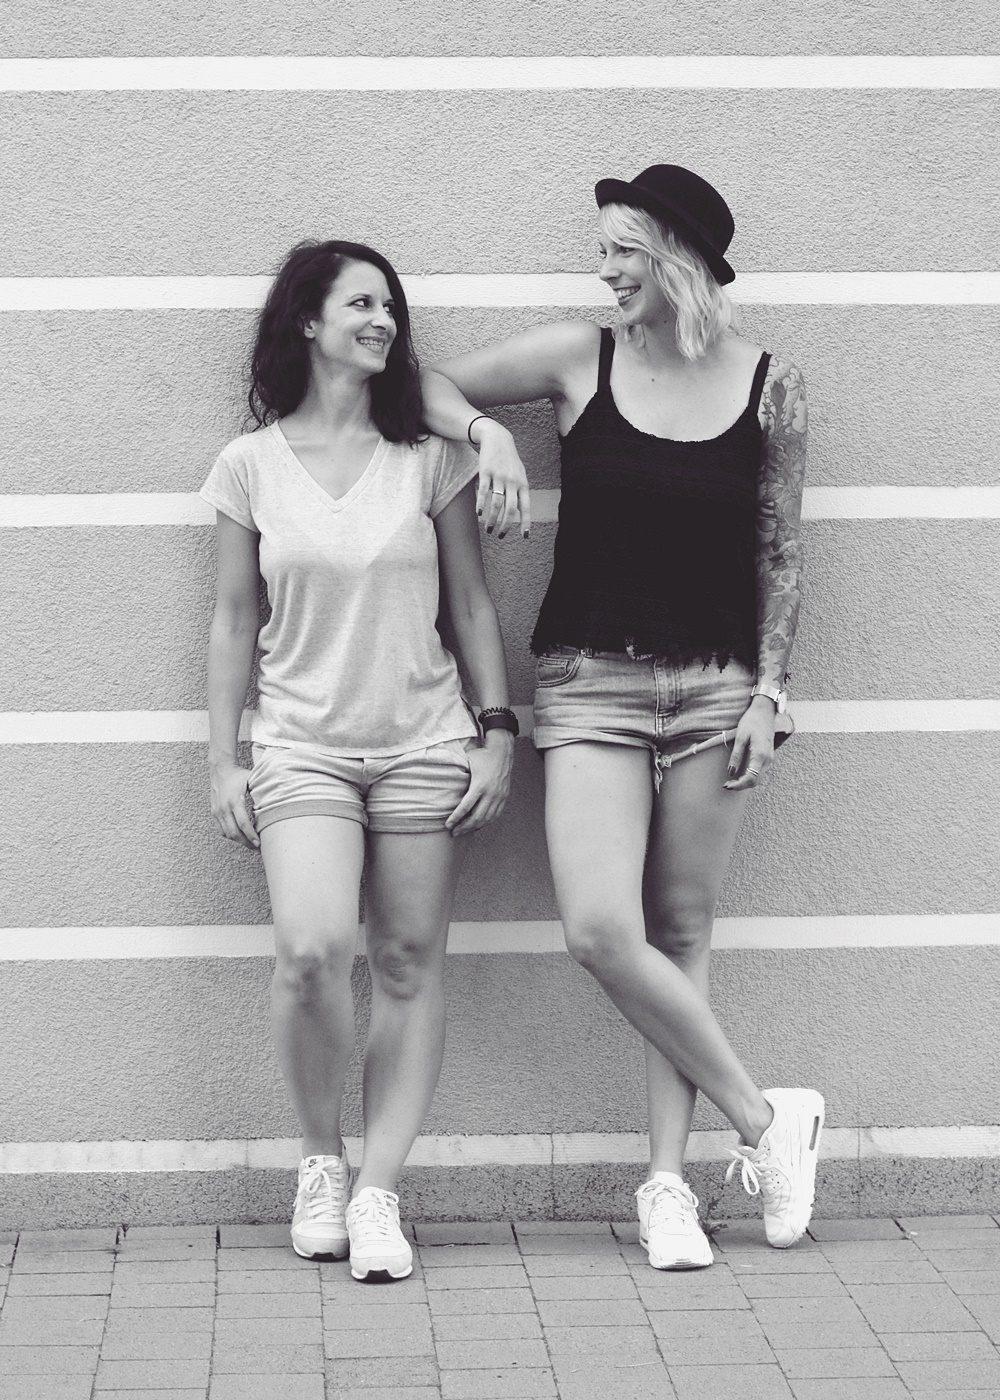 Freundschaft Tipps Beste Freundin 2